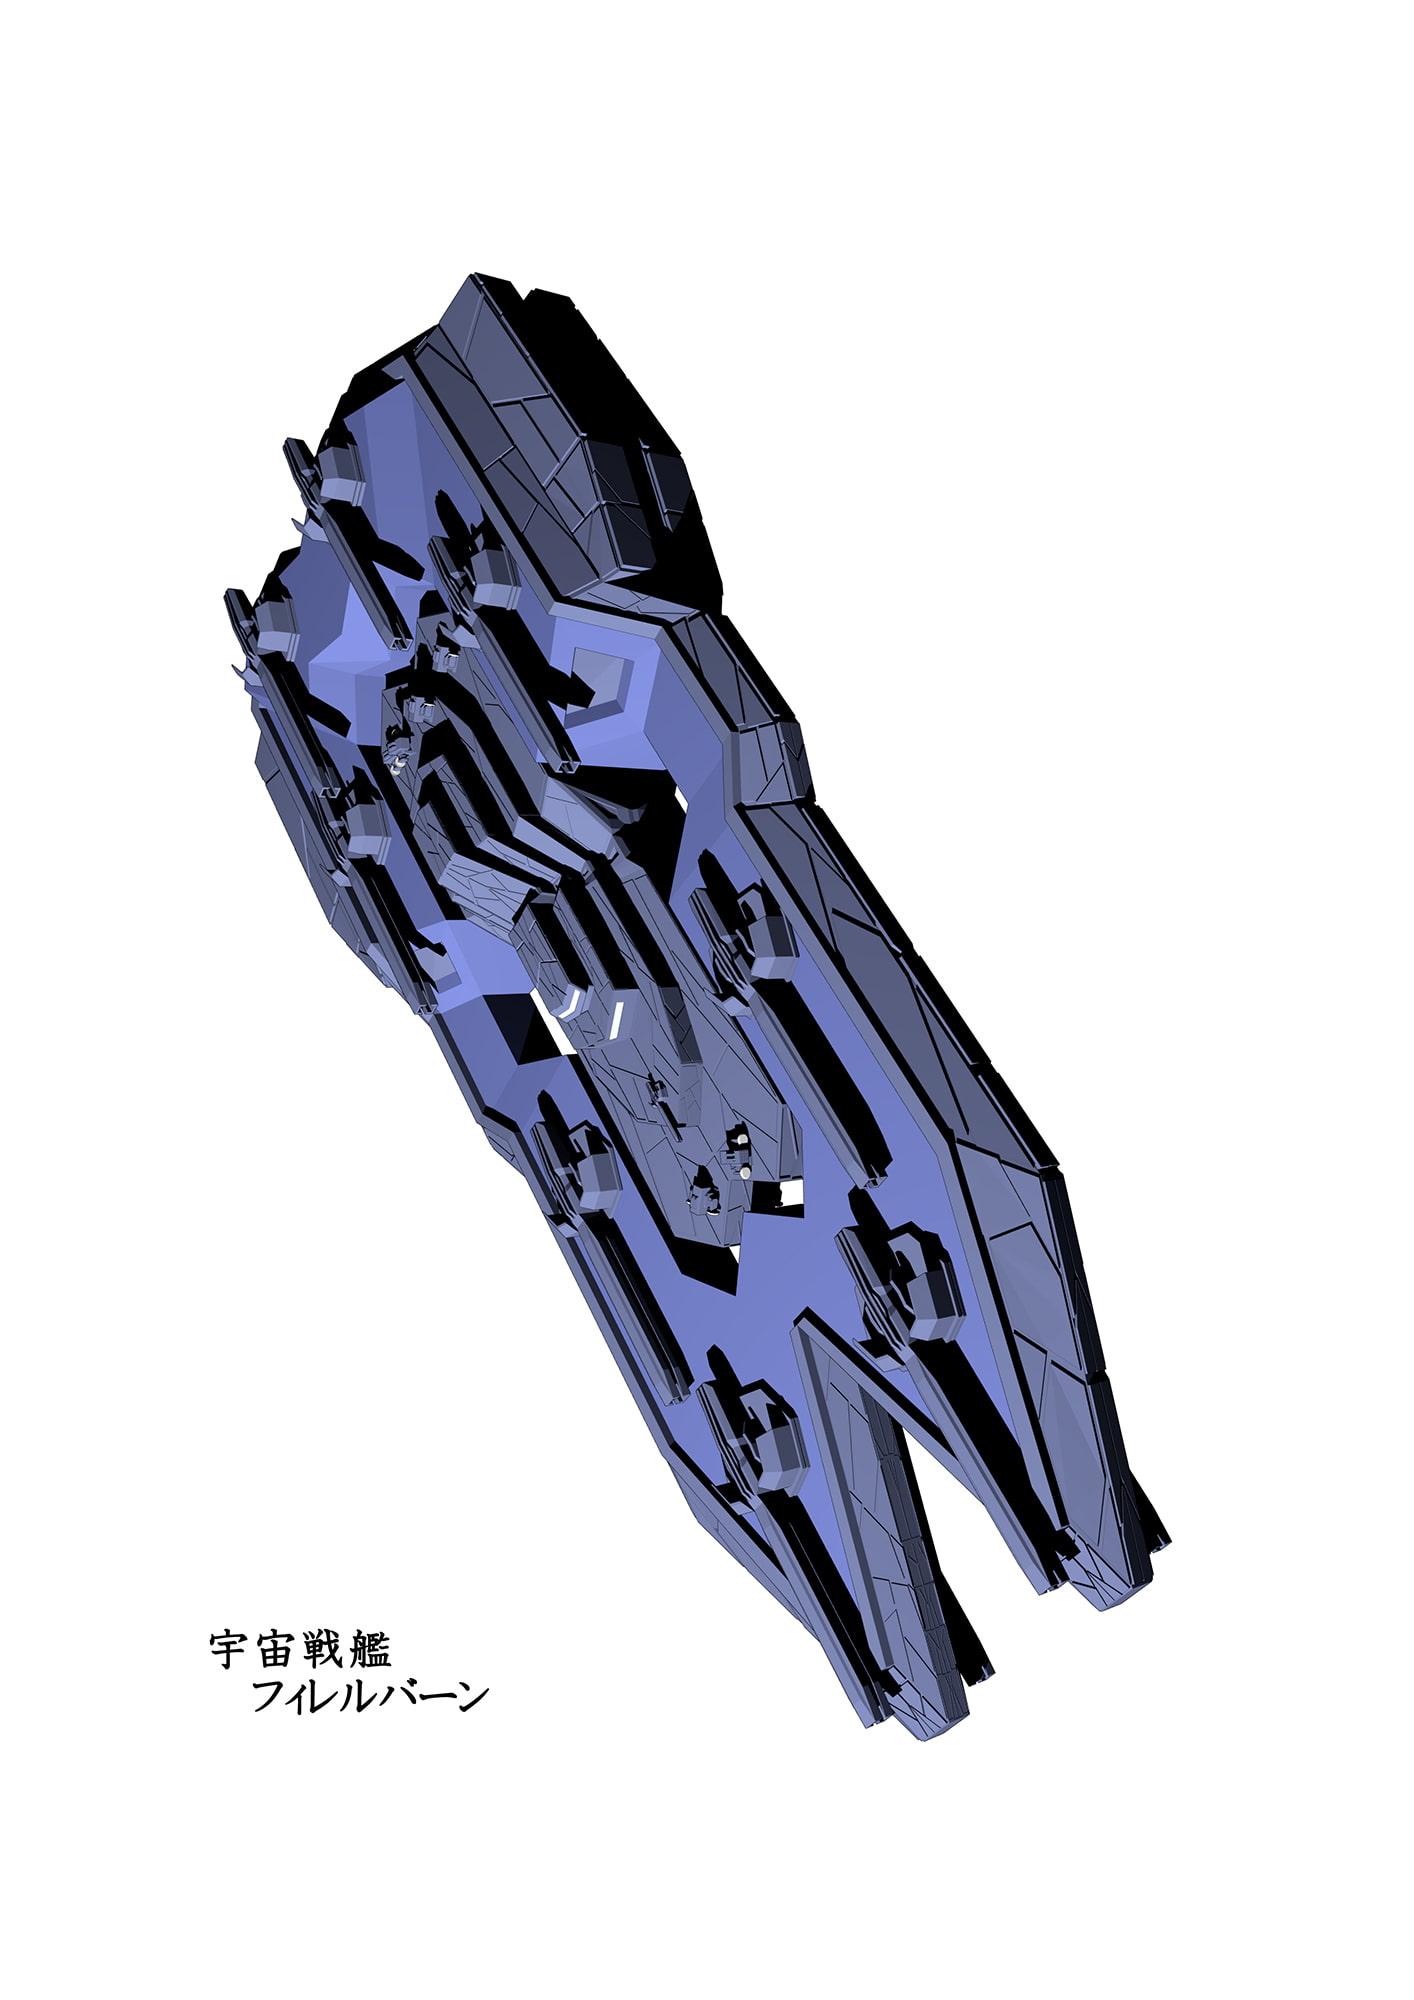 Space Fleet II